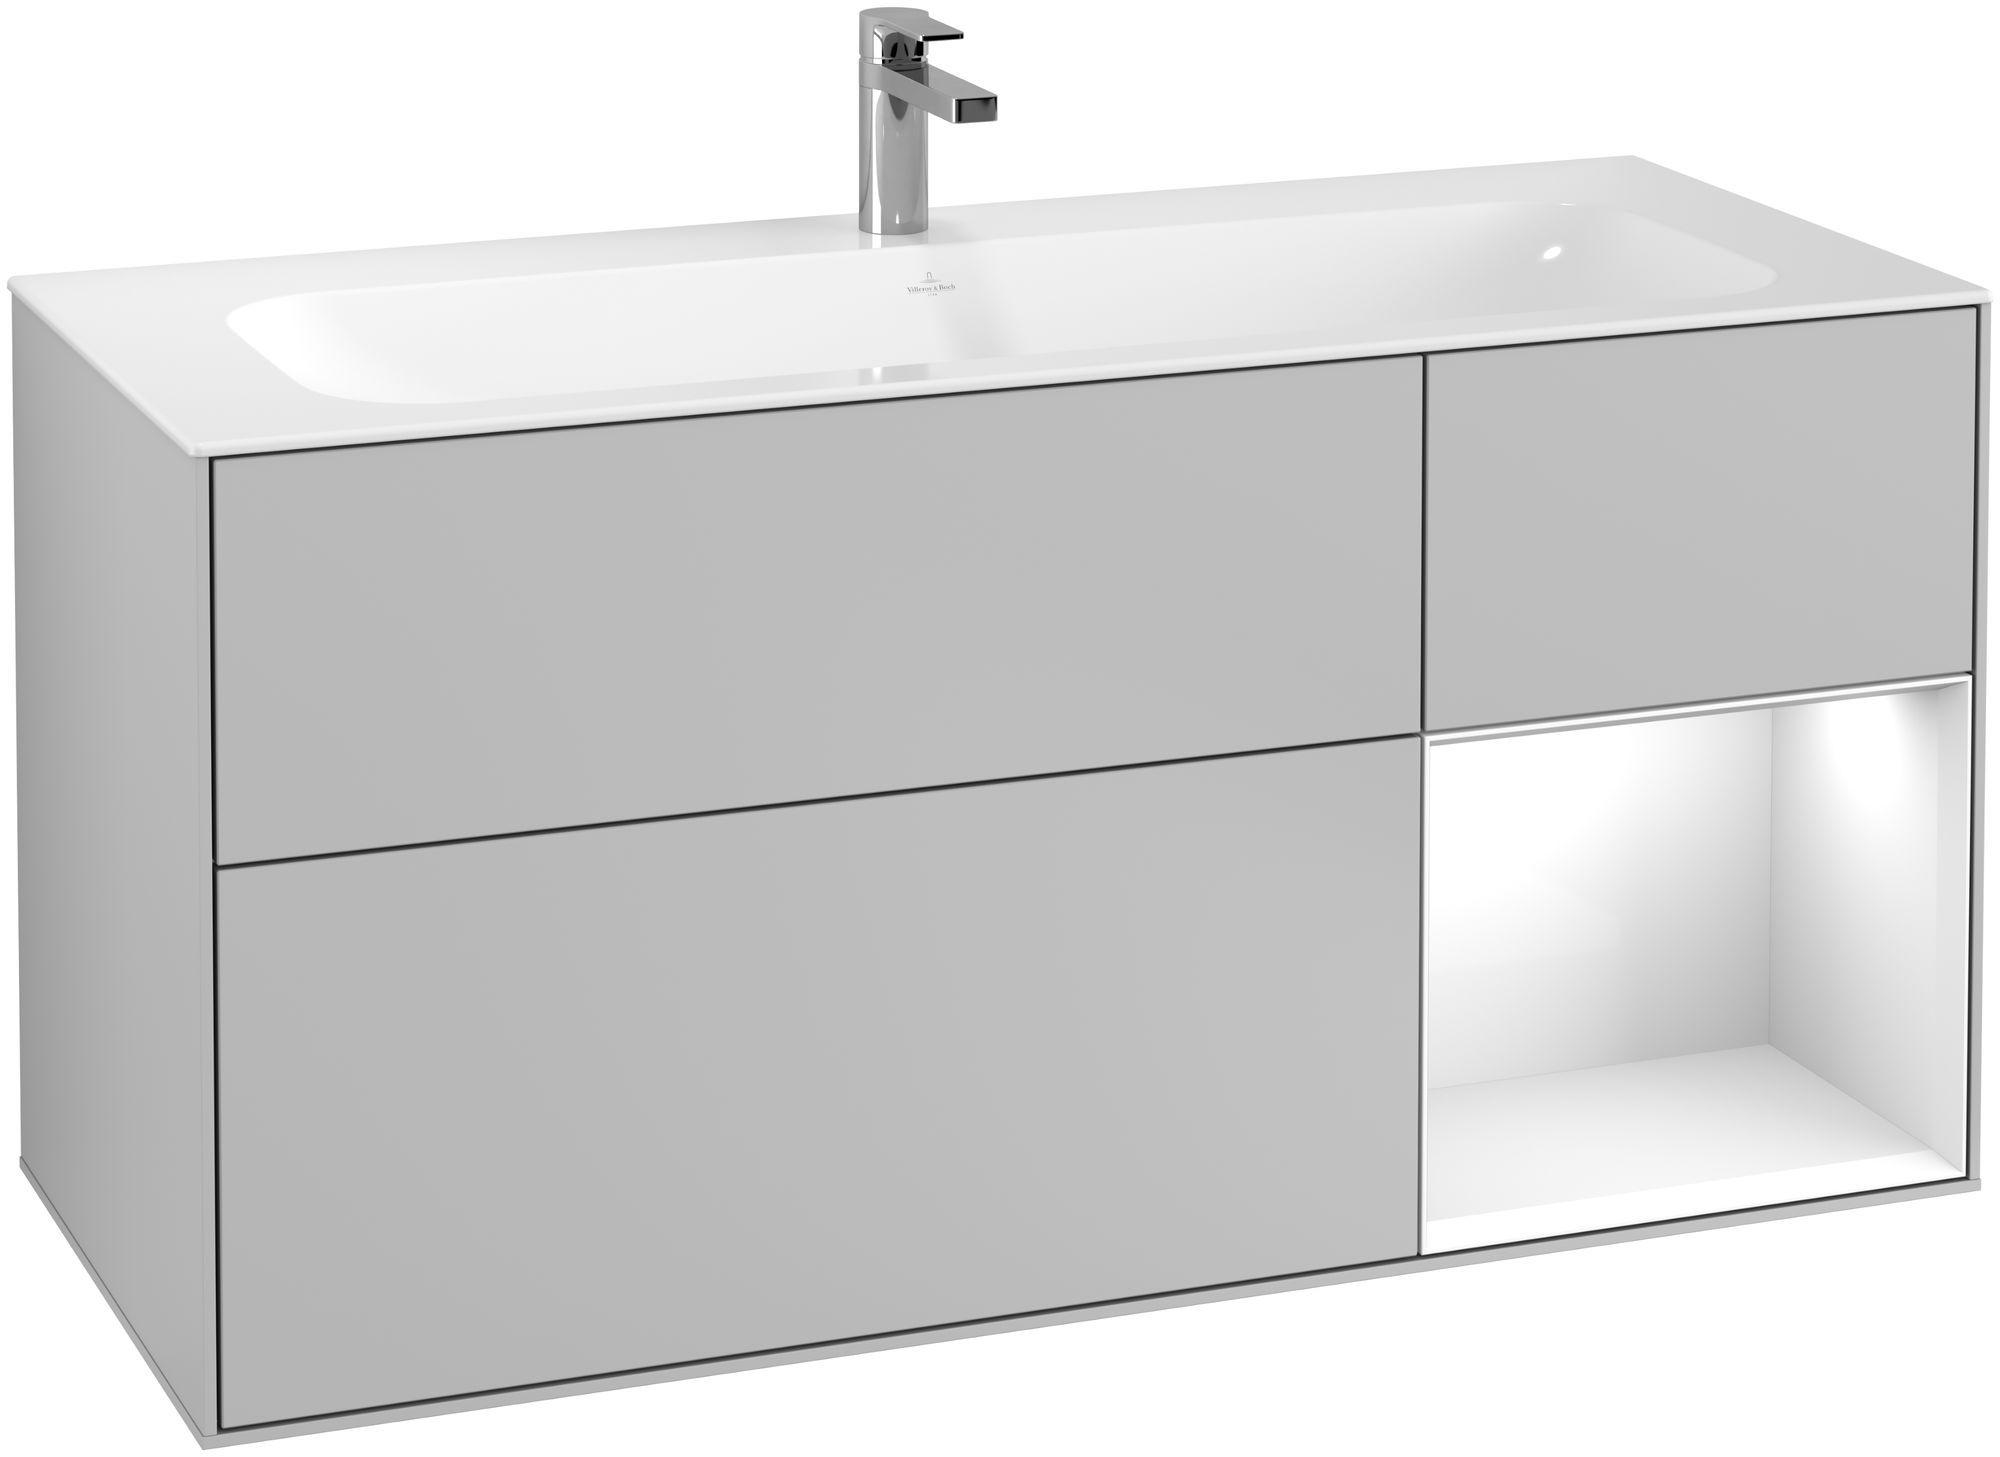 Villeroy & Boch Finion F07 Waschtischunterschrank mit Regalelement 3 Auszüge LED-Beleuchtung B:119,6xH:59,1xT:49,8cm Front, Korpus: Light Grey Matt, Regal: Glossy White Lack F070GFGJ